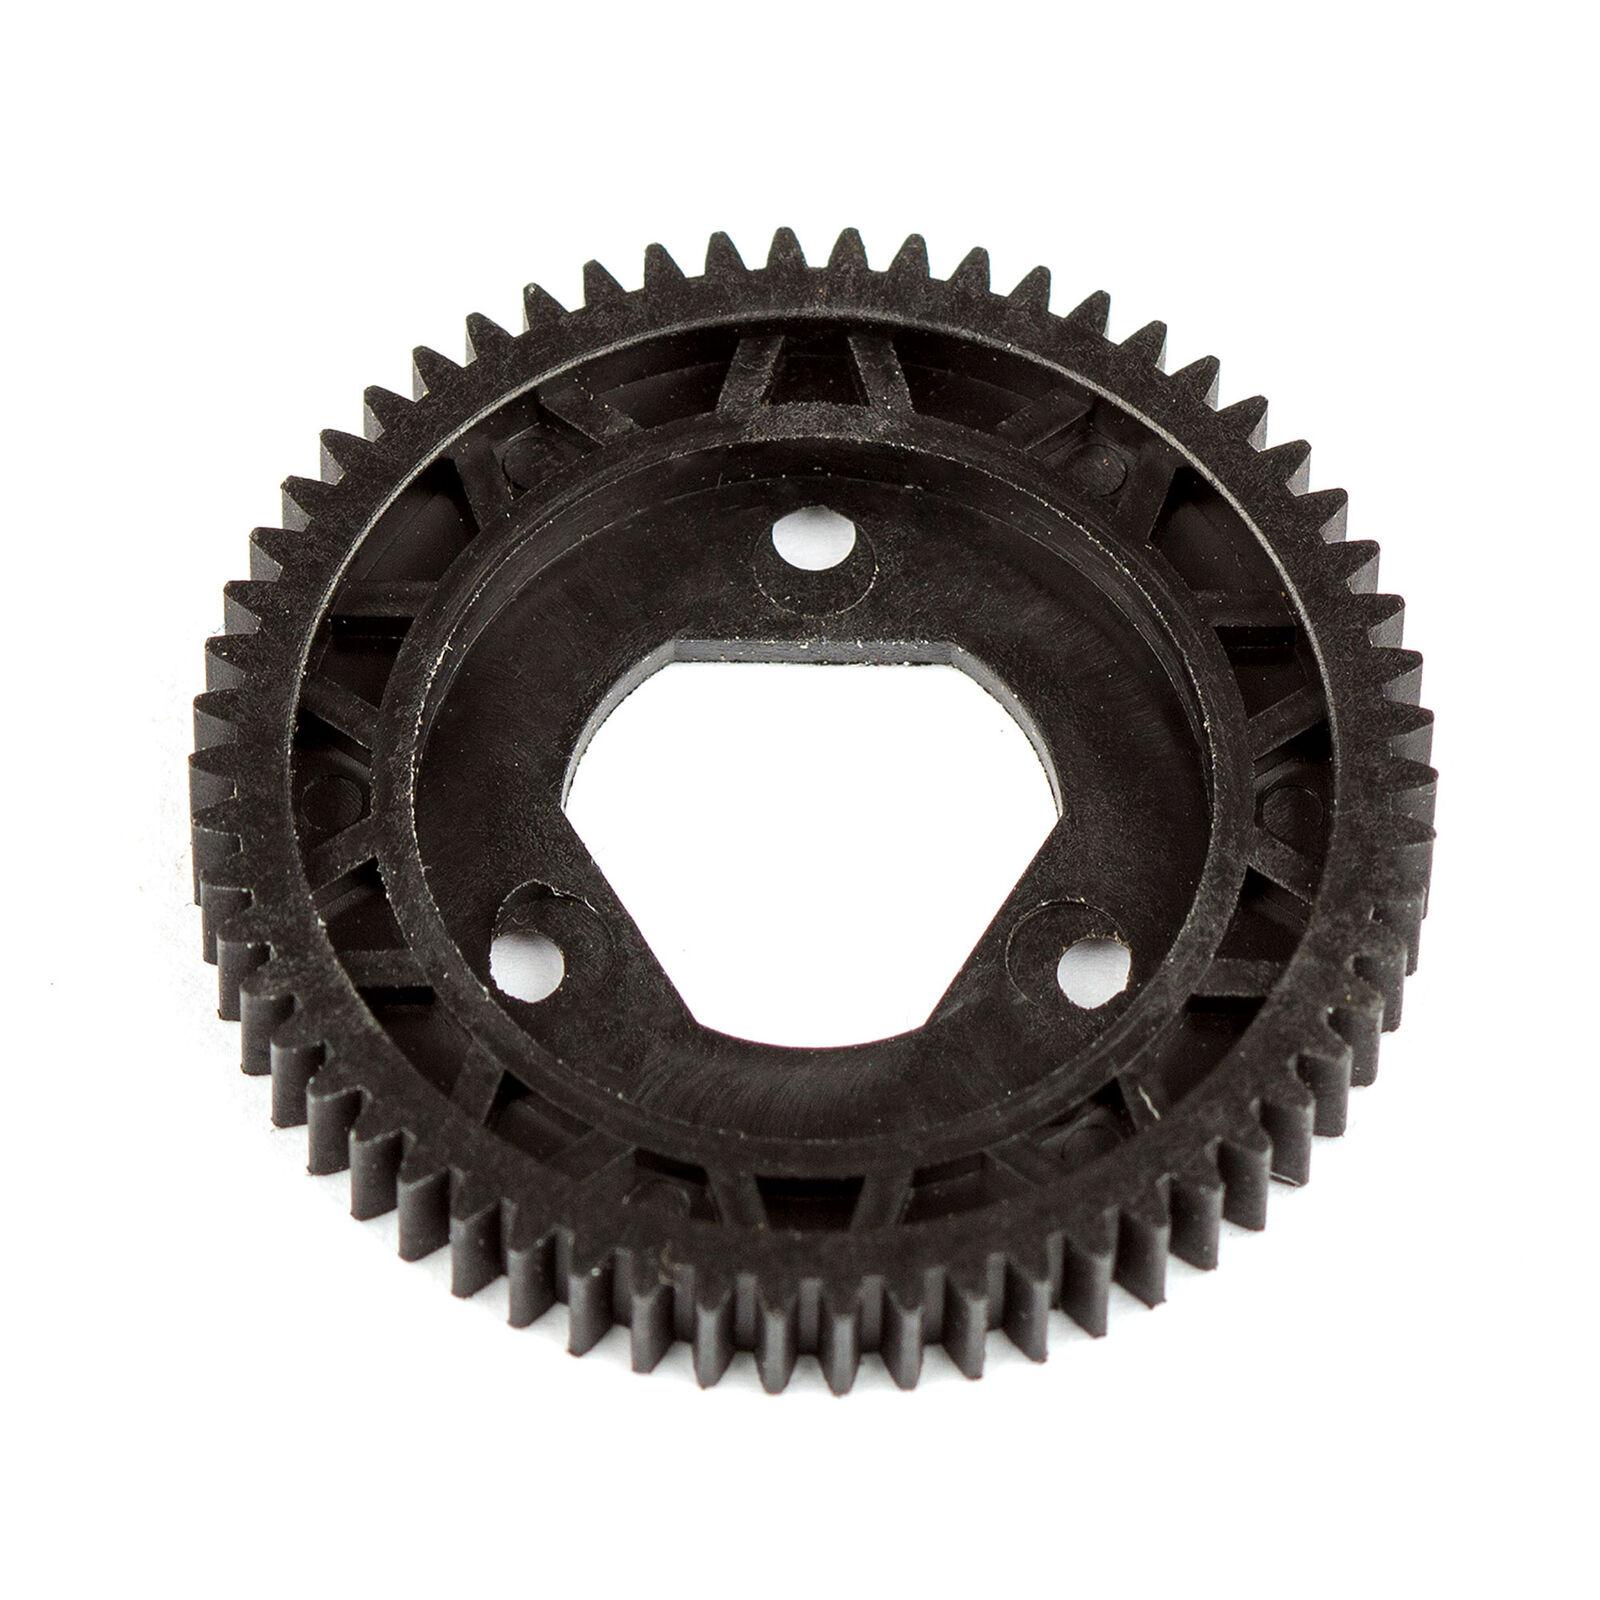 58T Spur Gear: 14B 14T